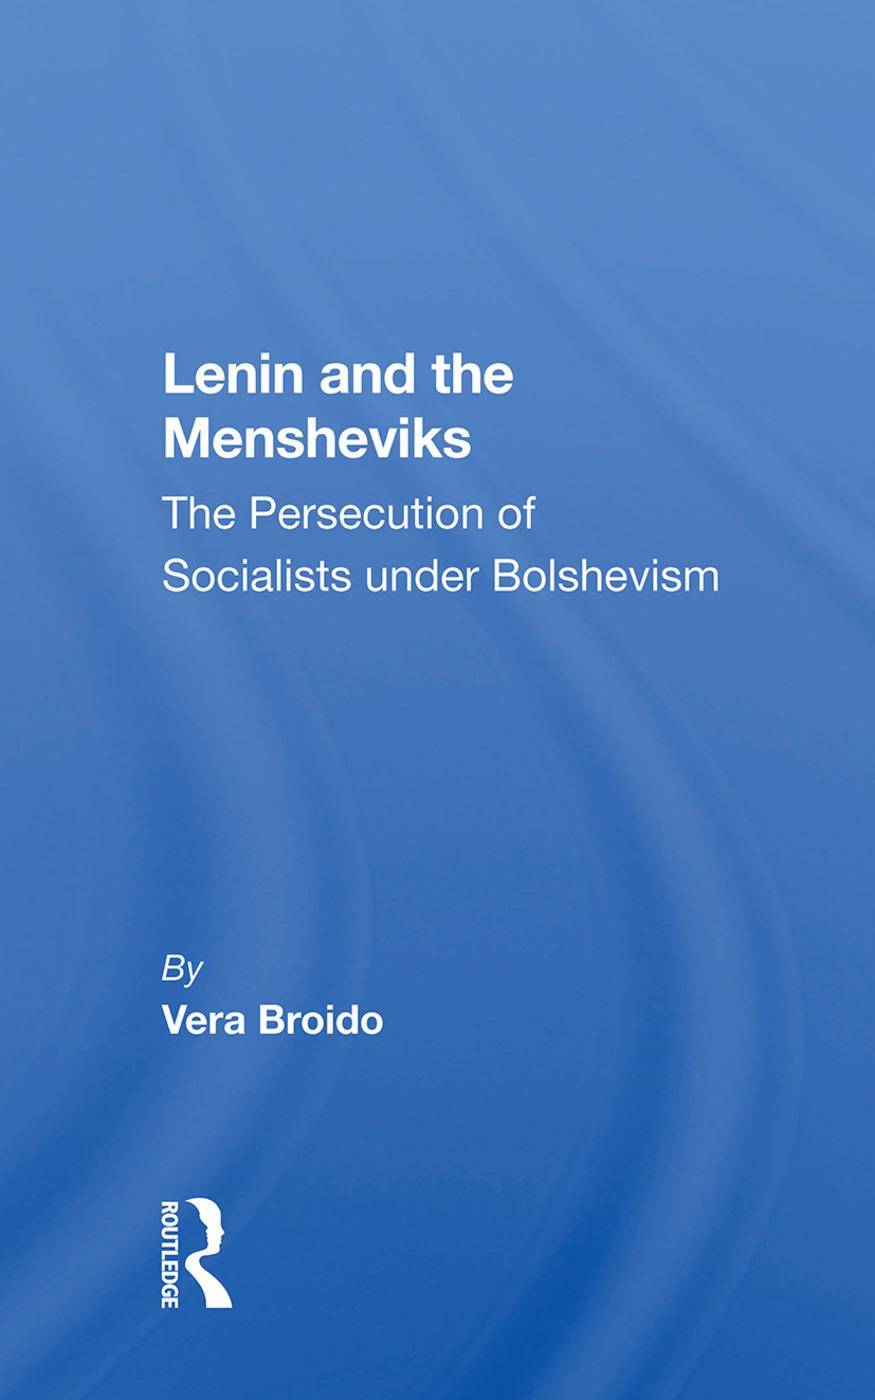 Lenin and the Mensheviks